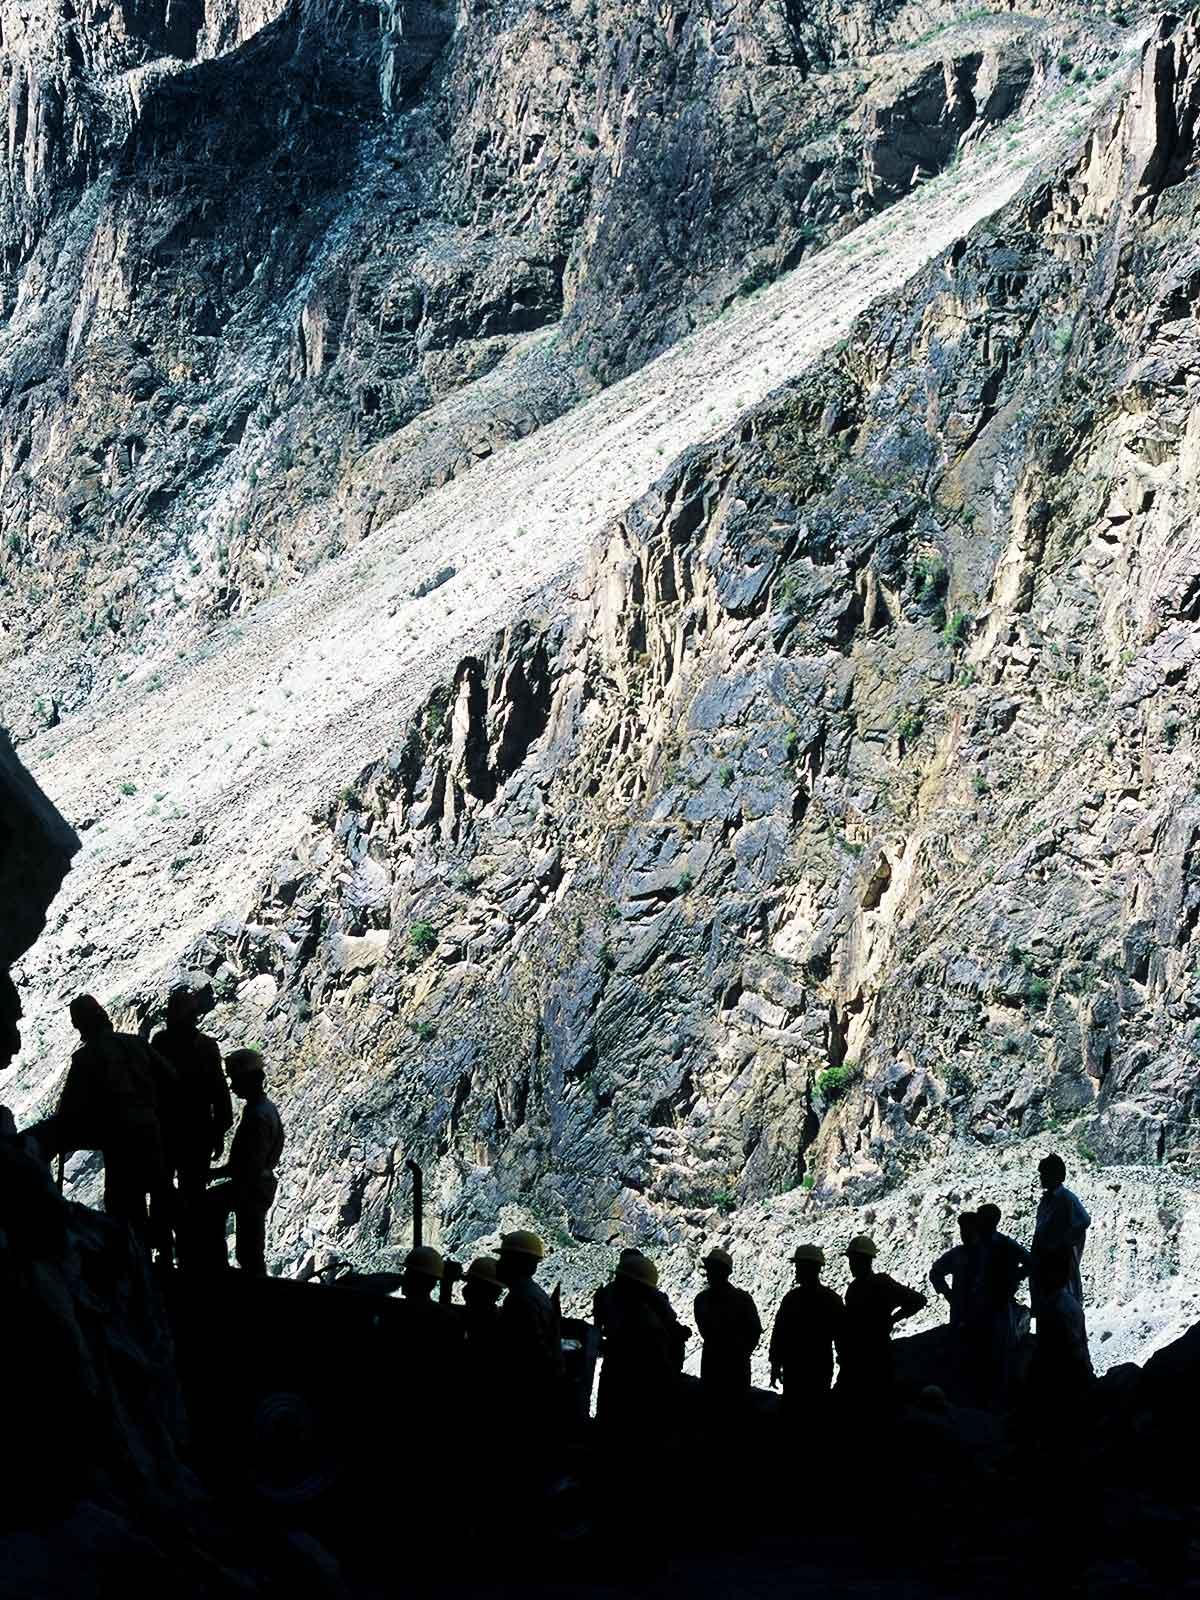 Karakoram Highway Pakistan - Rock Landslide - Dr Steven Martin - Silk Road